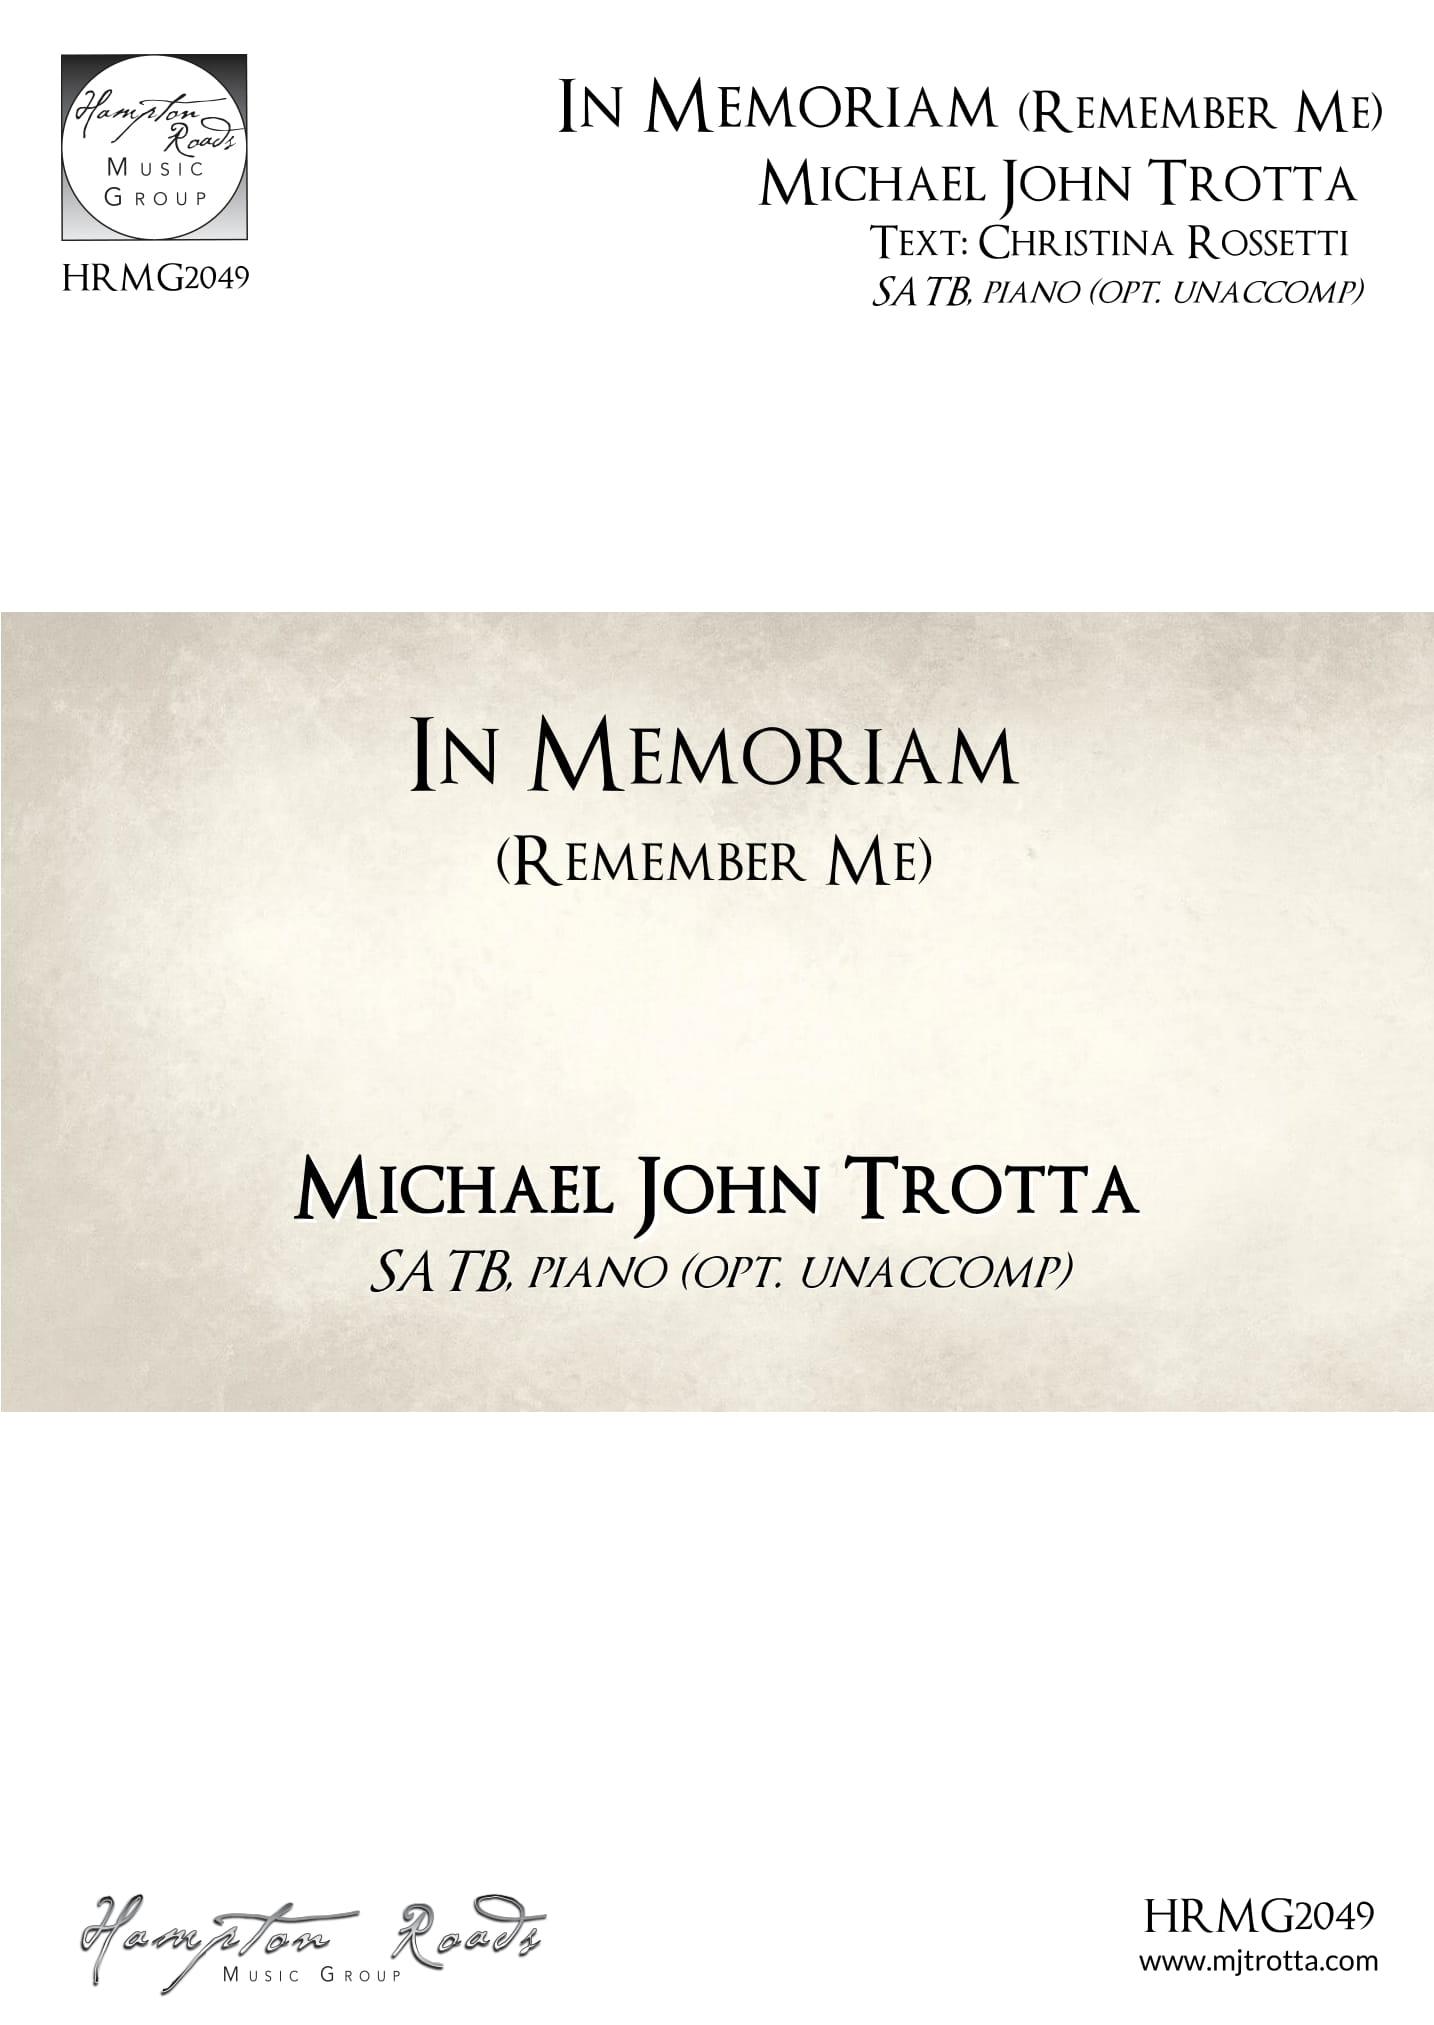 In Memoriam (Remember Me) - Michael John Trotta